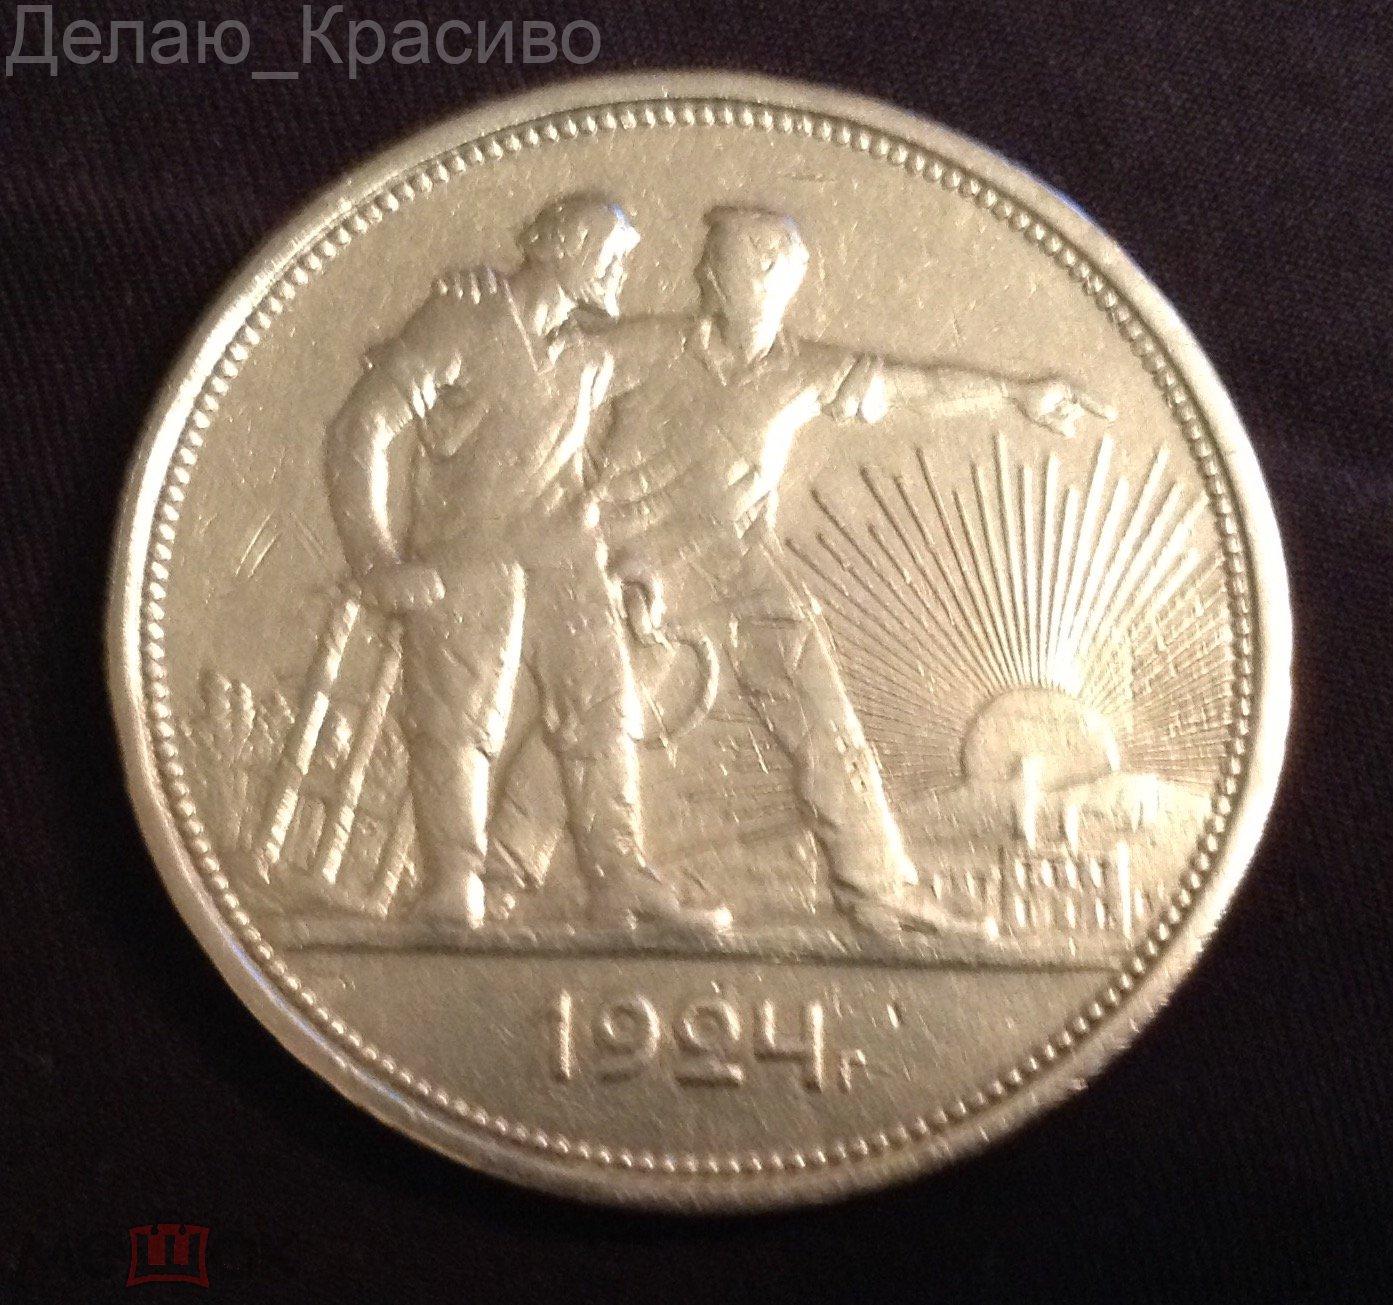 Купить рубль 1924г оригинал фото альбом монет numis